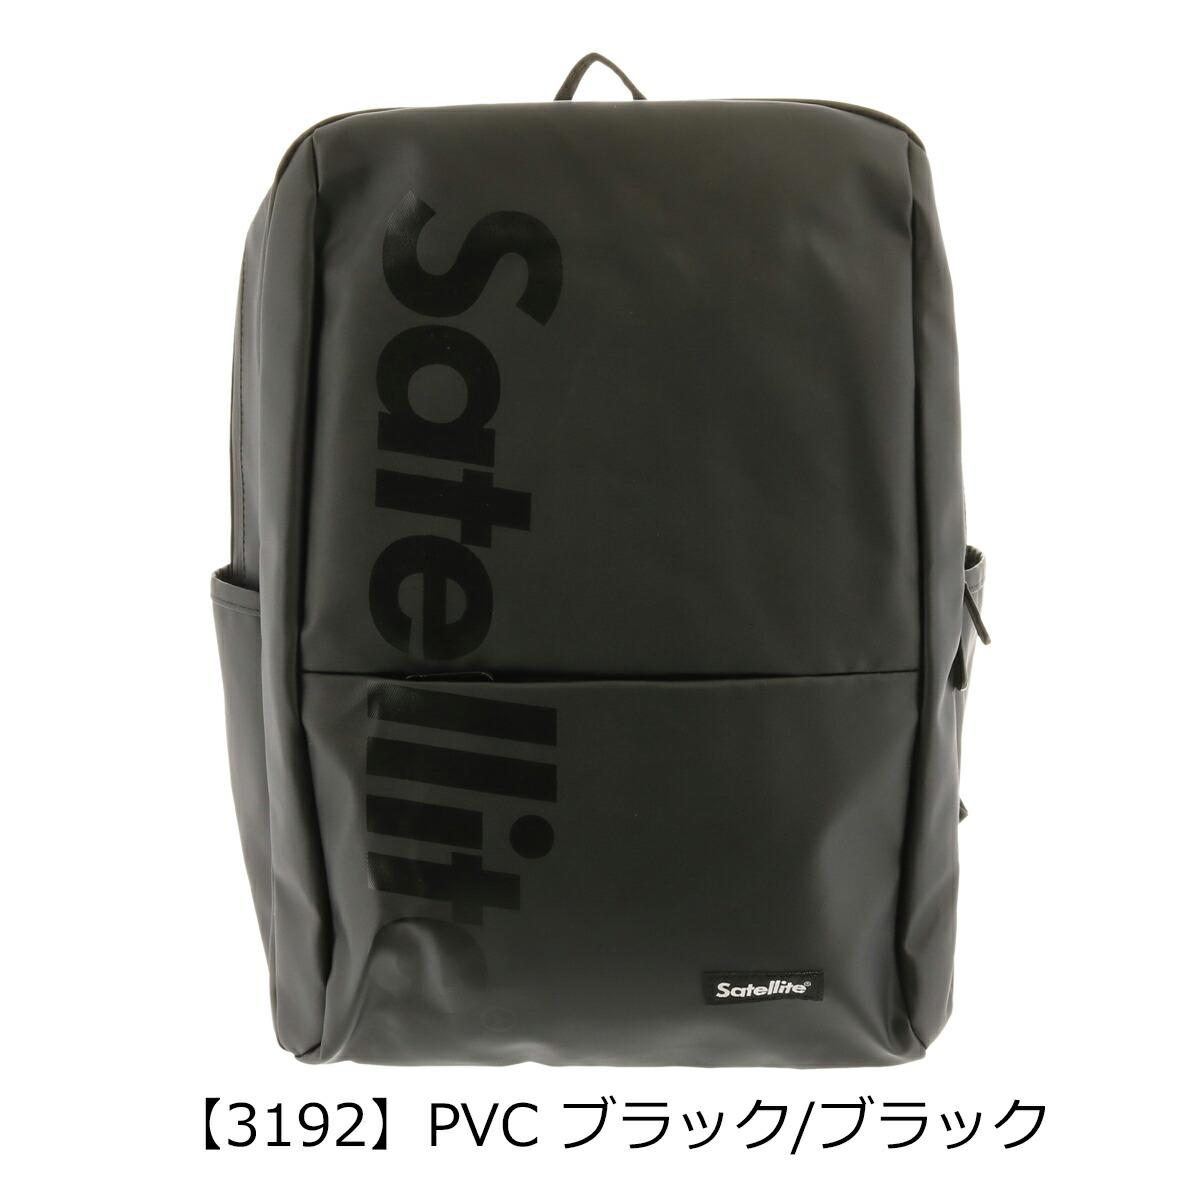 【3192】PVC ブラック/ブラック